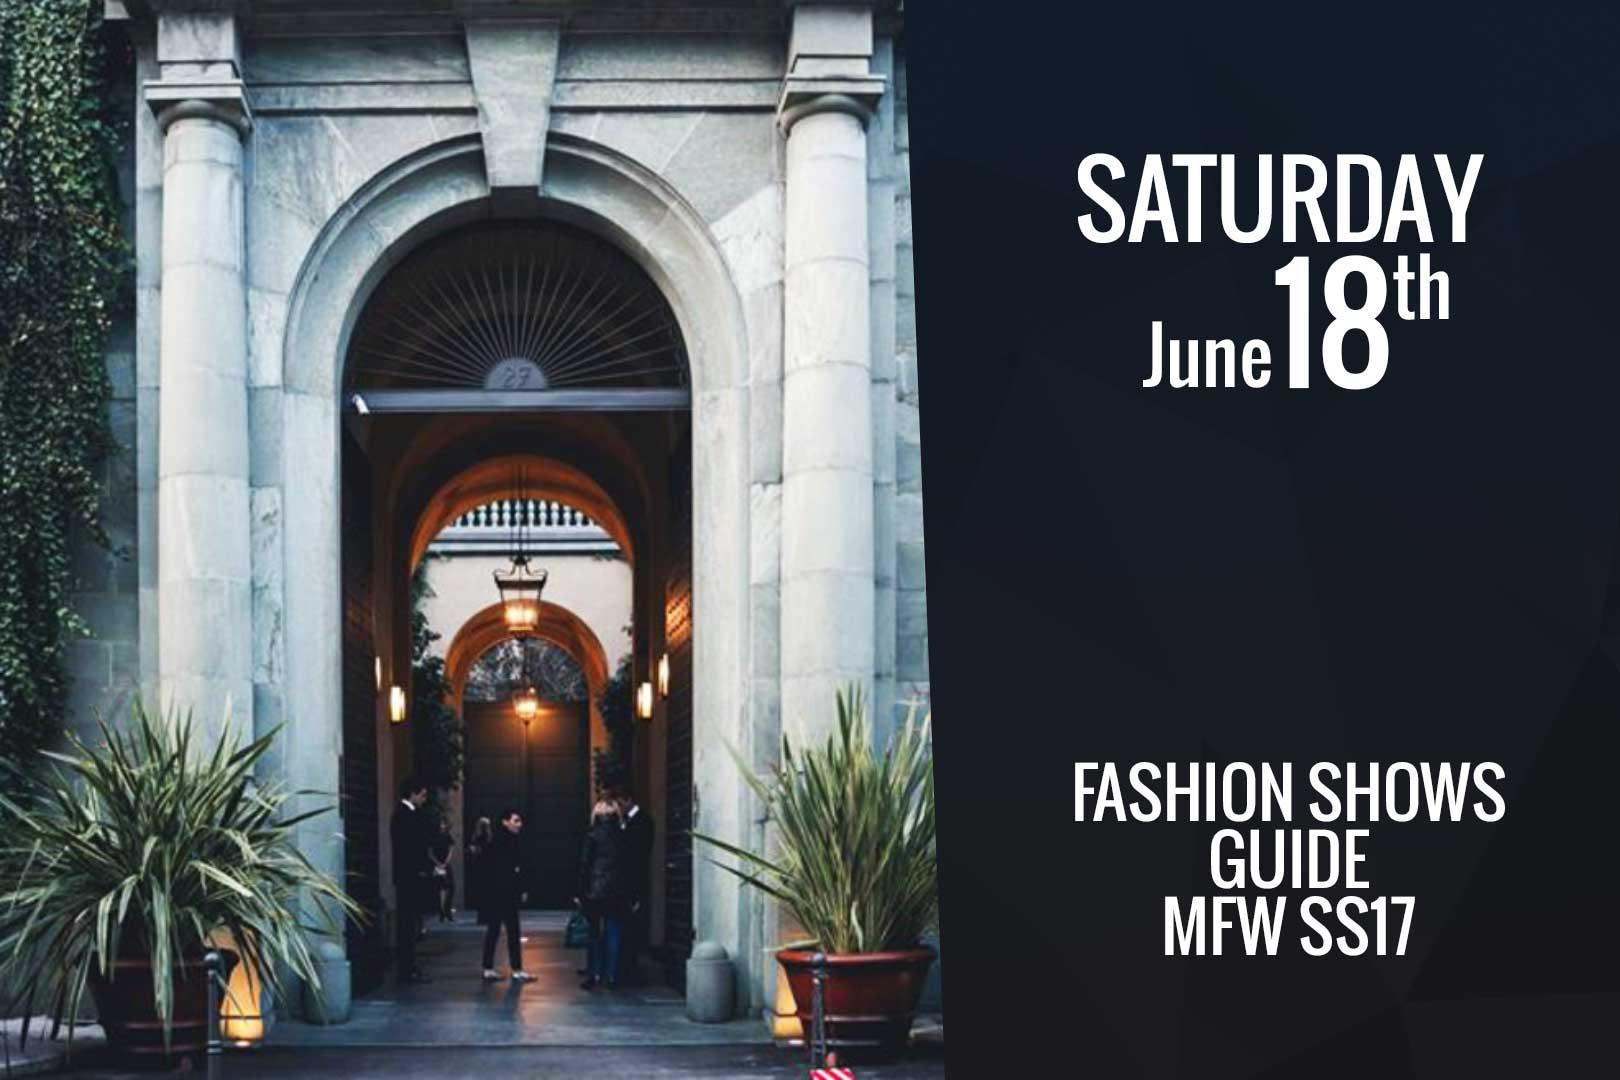 Saturday June 18th: fashion shows guide